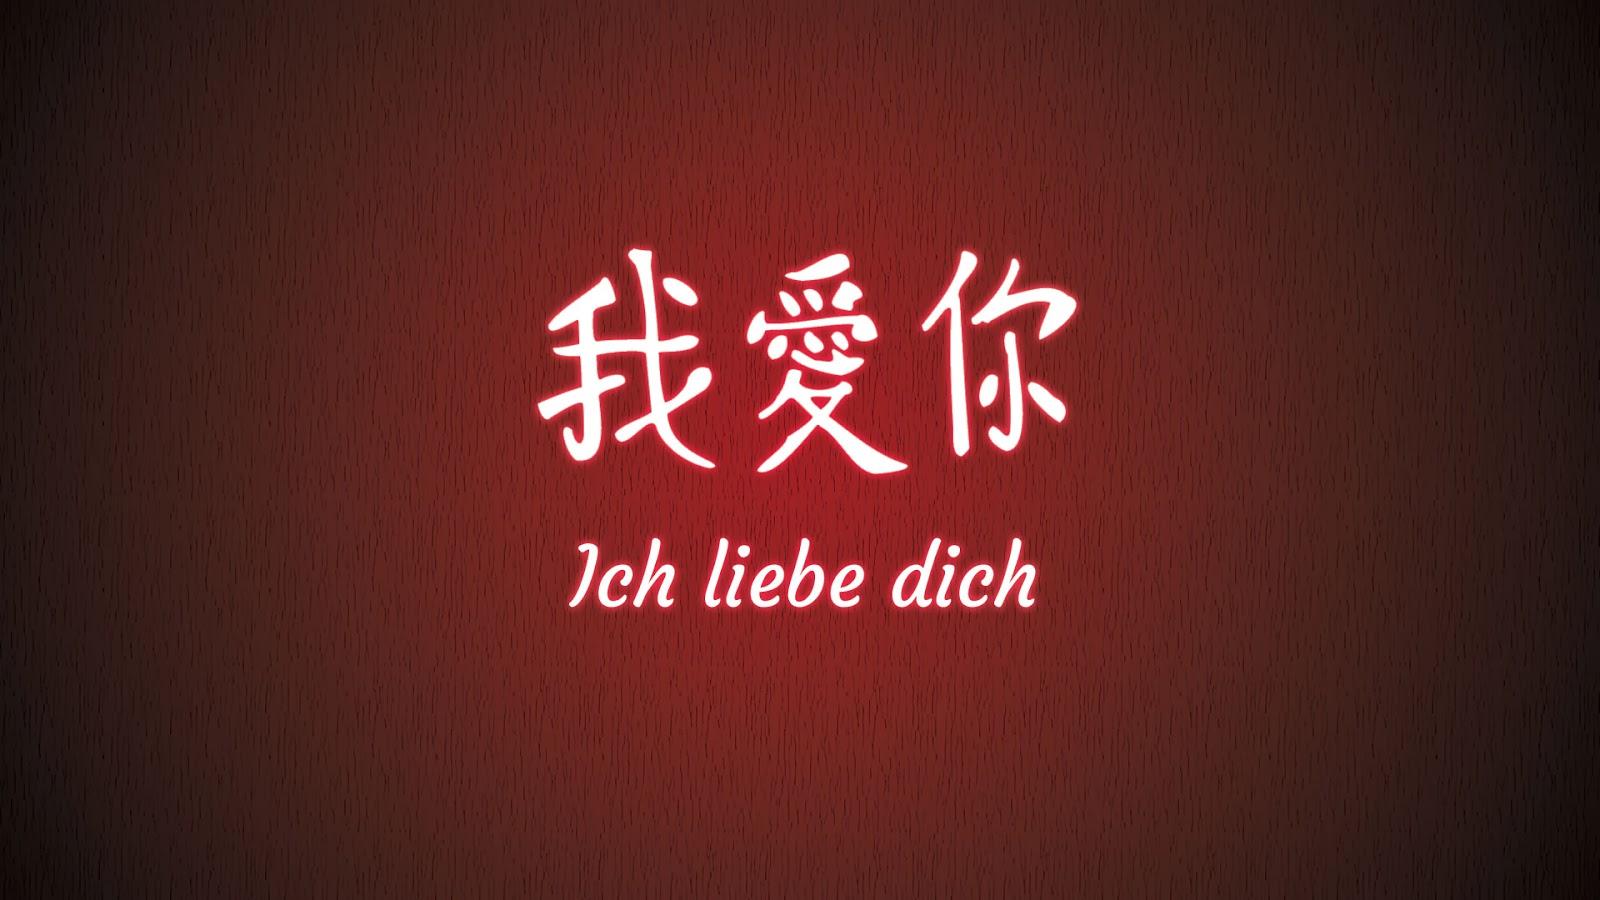 Liebesbilder Und Liebesspruche Liebesbilder Chinesisch